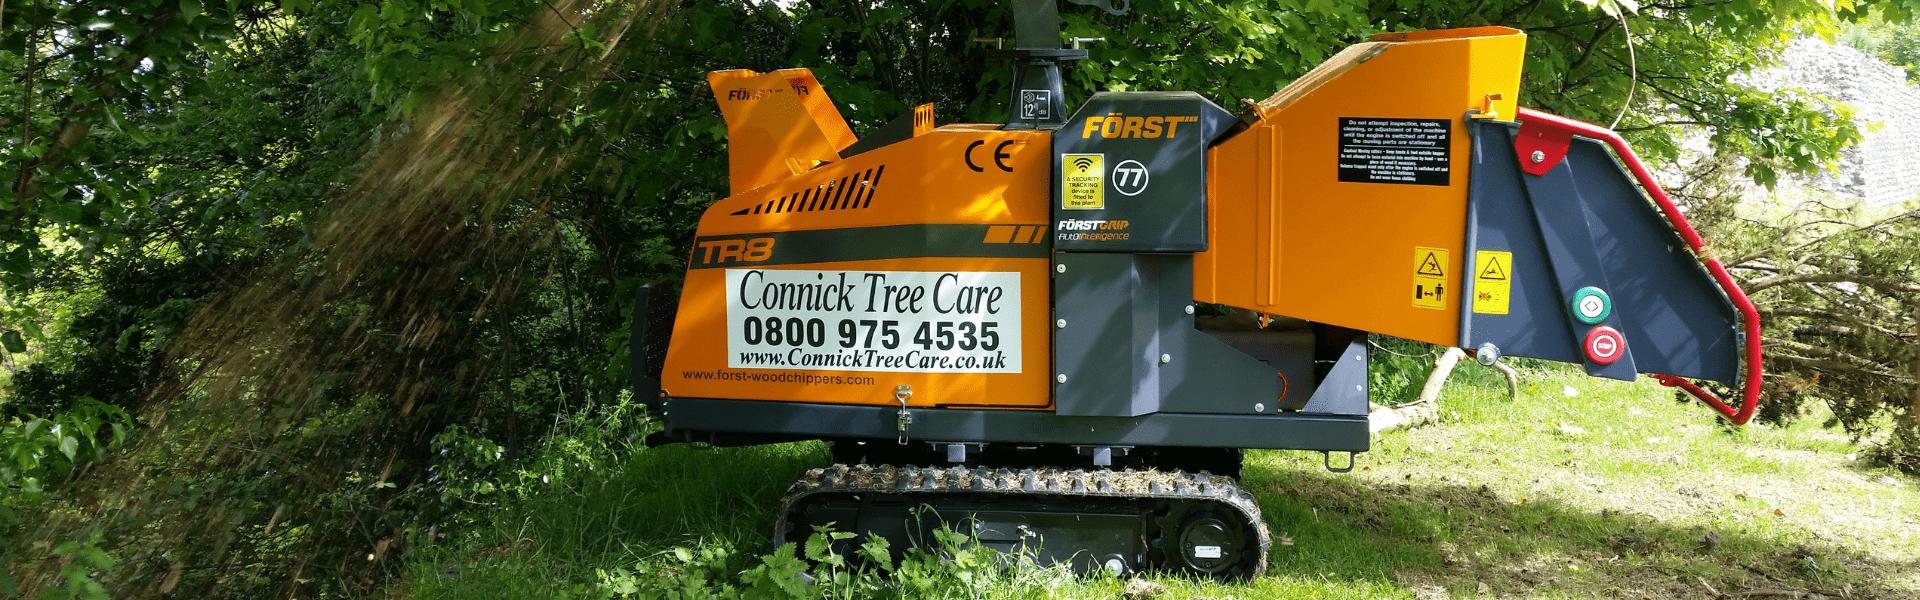 TR8 Forst chipper at Bramber Castle